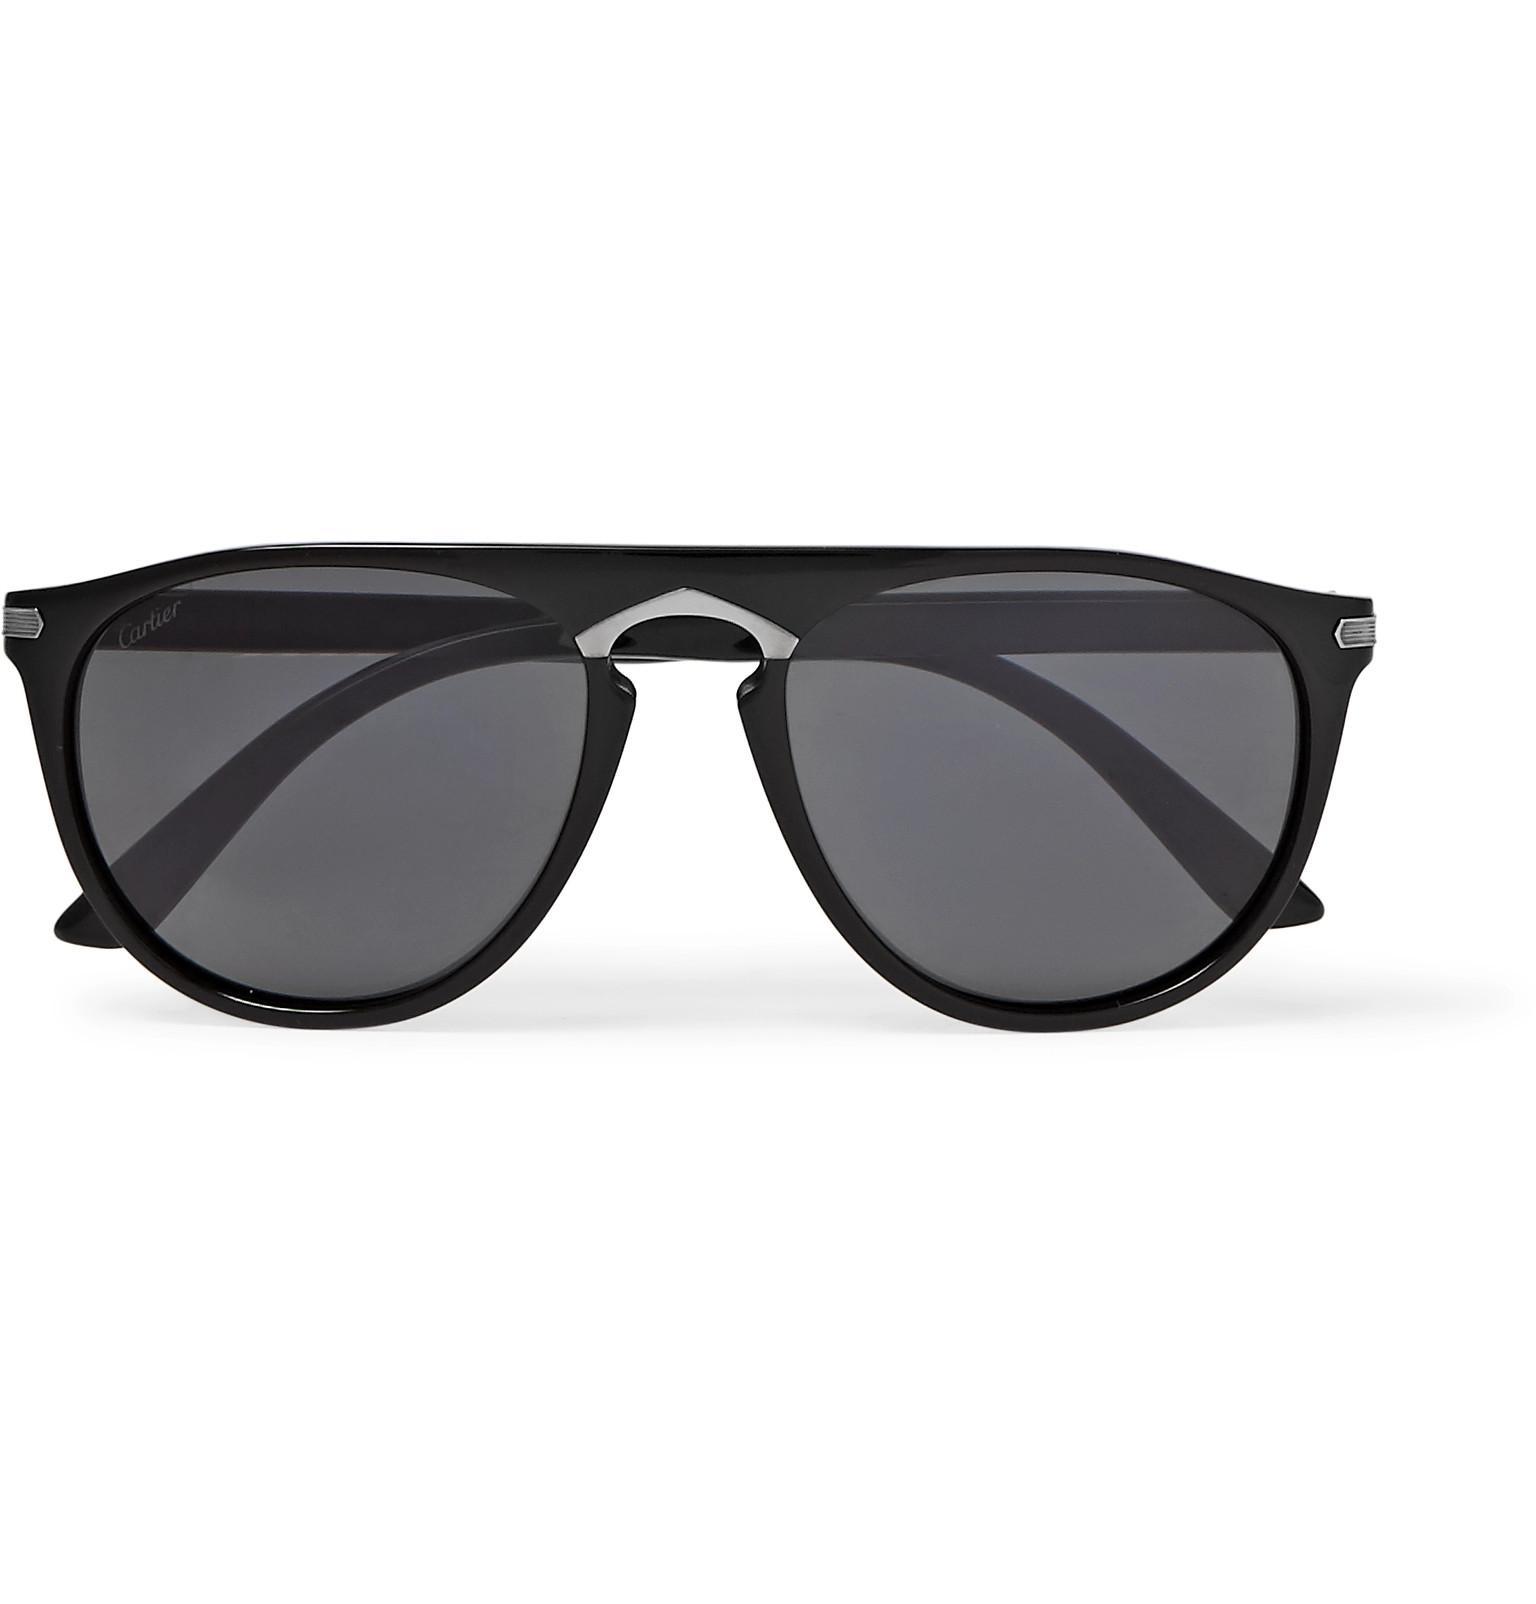 cc73df0225 Cartier. Men s - Signature C De Round-frame Acetate Sunglasses - Black